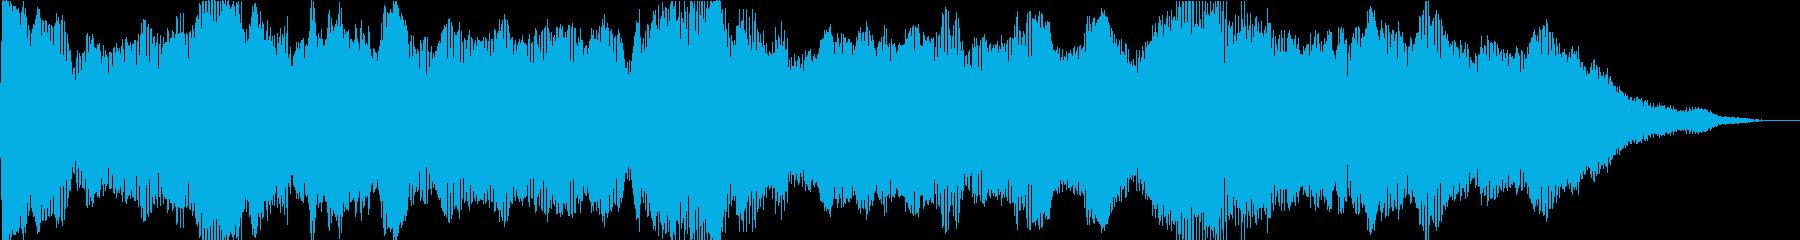 注目レイヤーの再生済みの波形